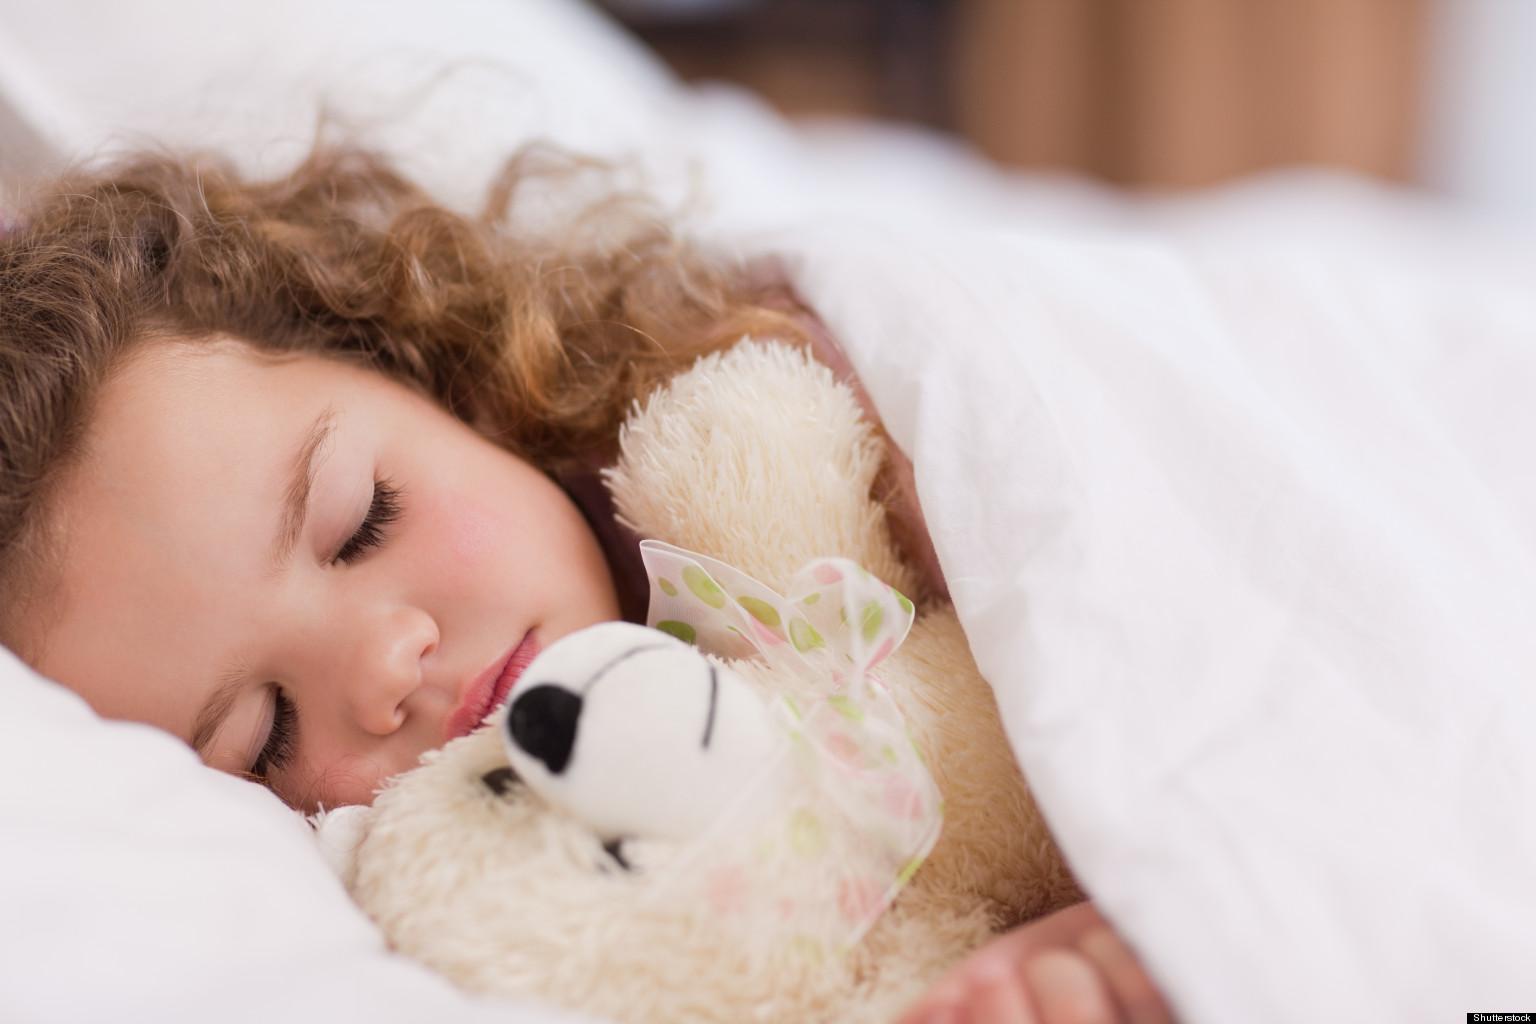 sommeil_des_enfants